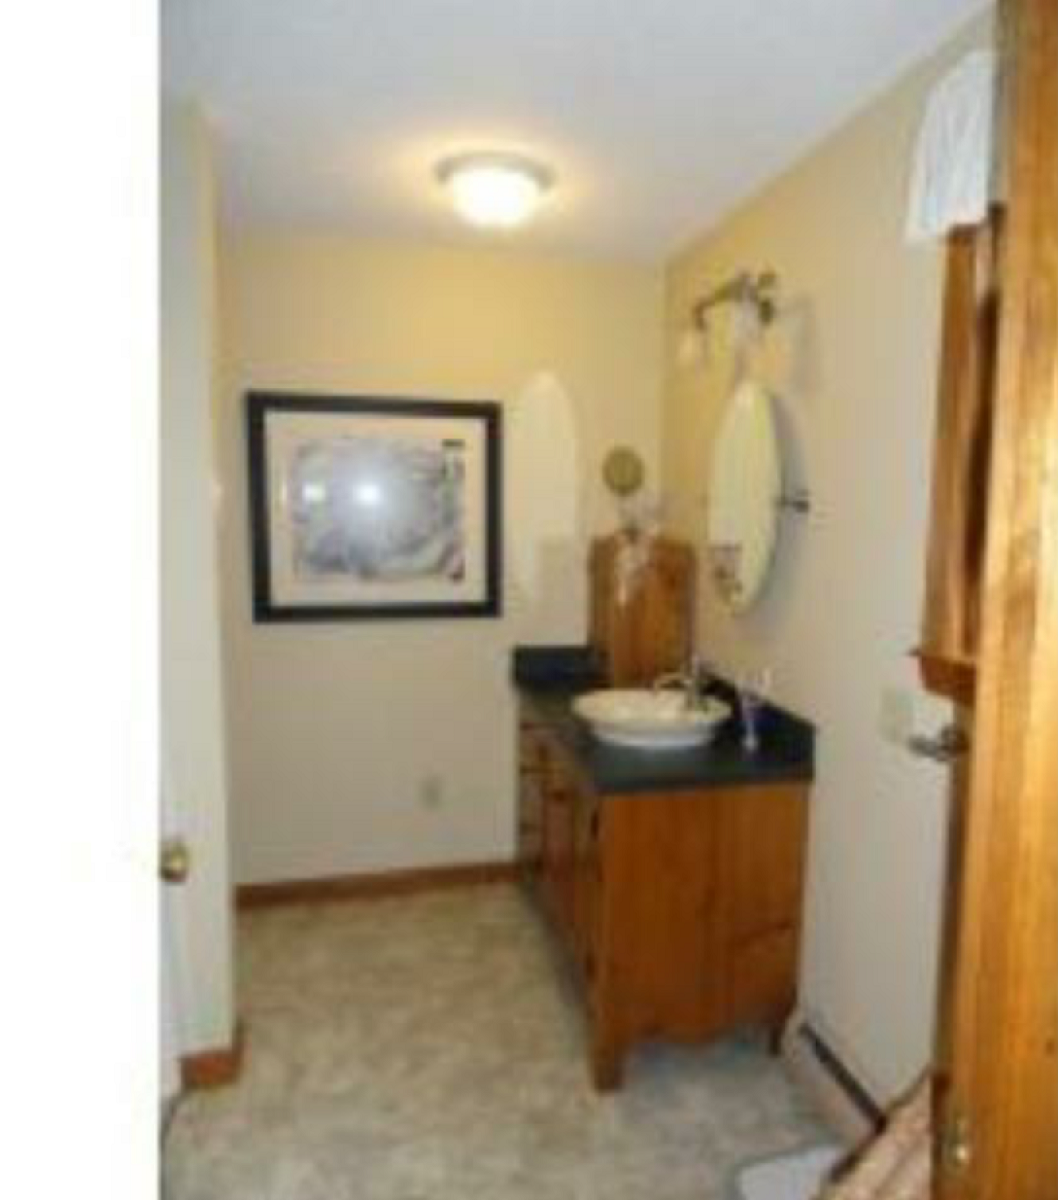 Bathroom remodel - Single Vanity to Double (flooring, vinyl ...